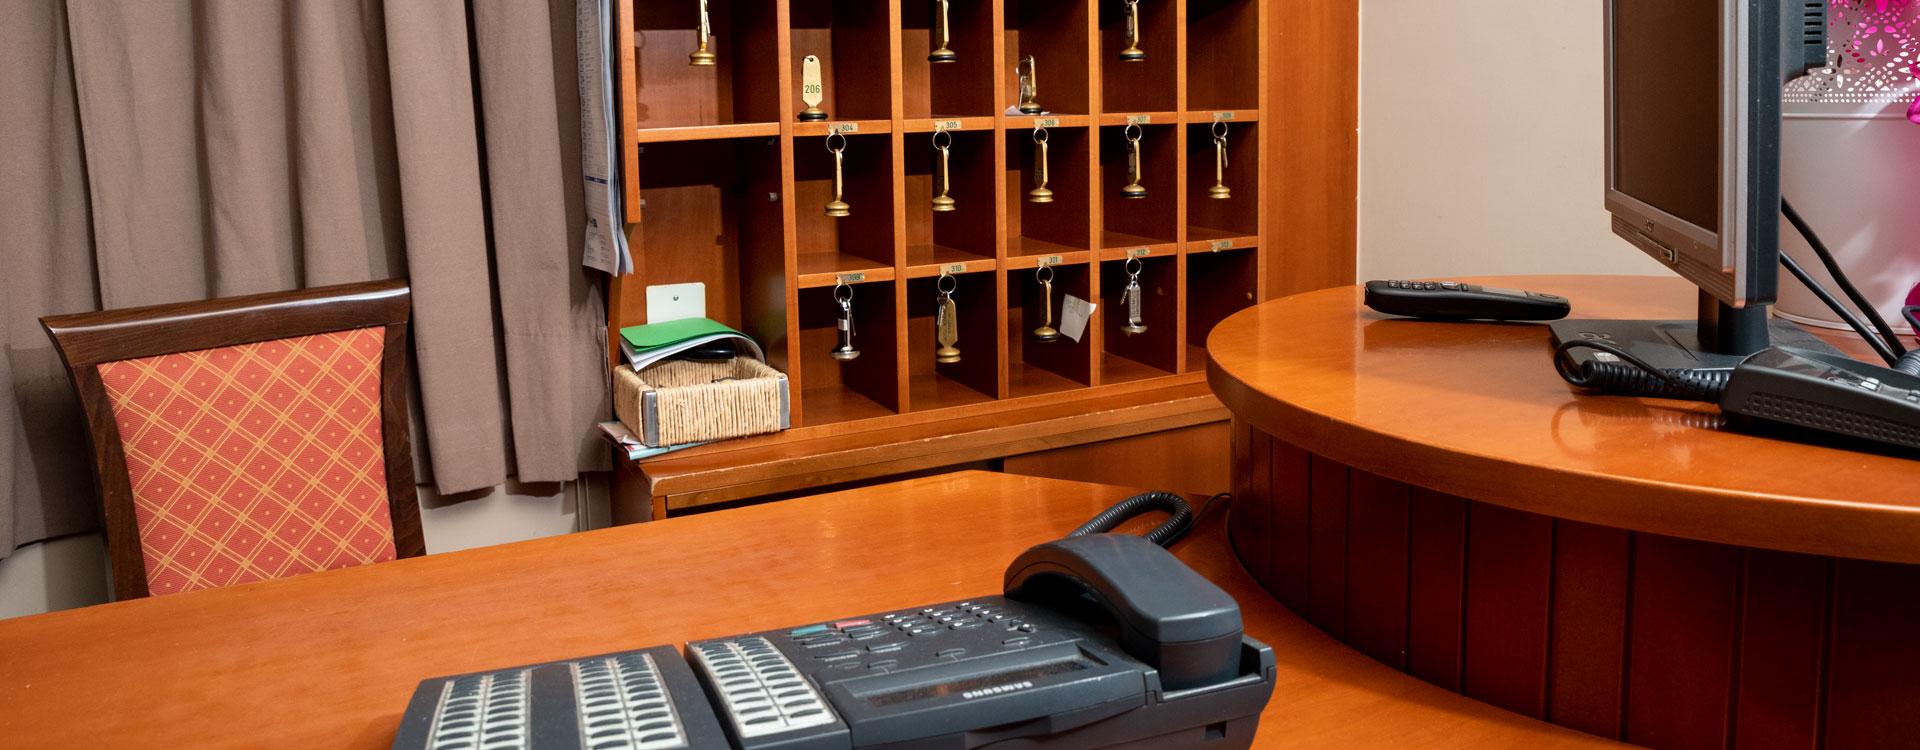 reception albergo paestum